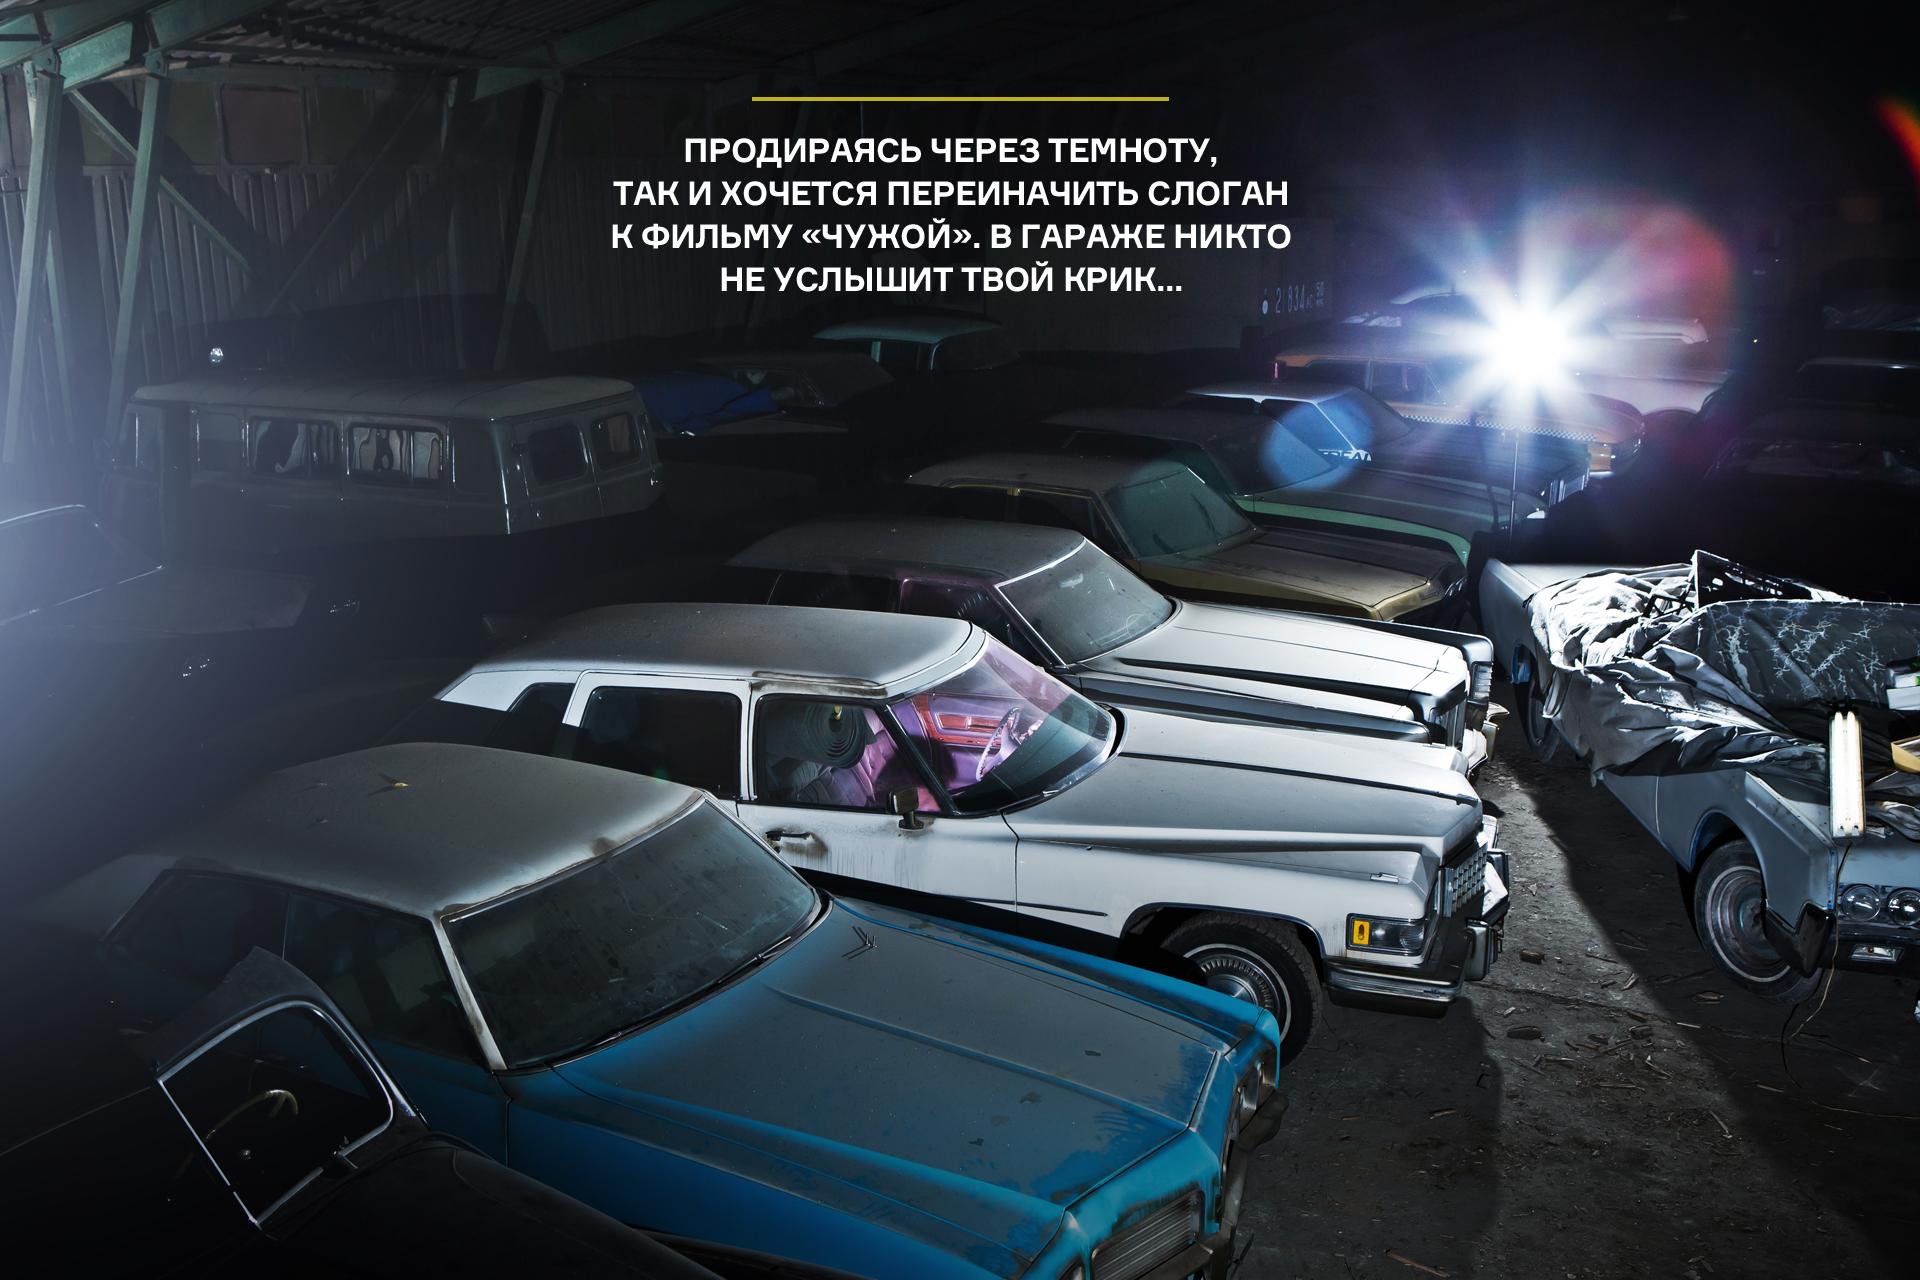 Mustang Брежнева, Cadillac в обмен на черную икру  — иномарки с советской историей, часть вторая. Фото 9